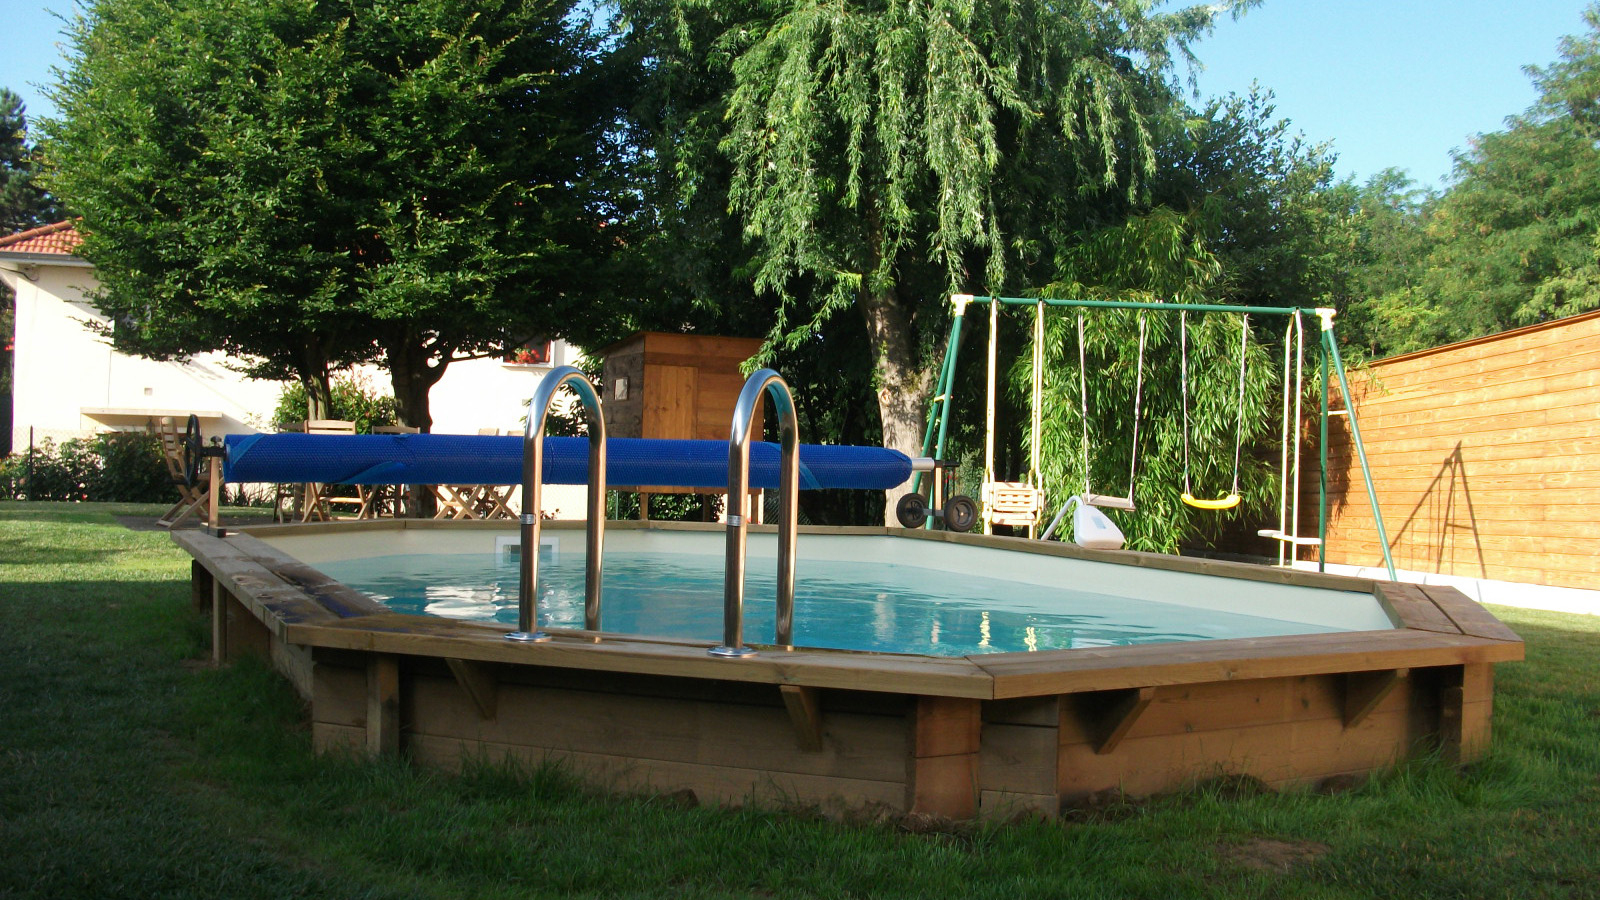 Piscine Bois - Azurea Piscine destiné Enrouleur Bache Piscine Castorama